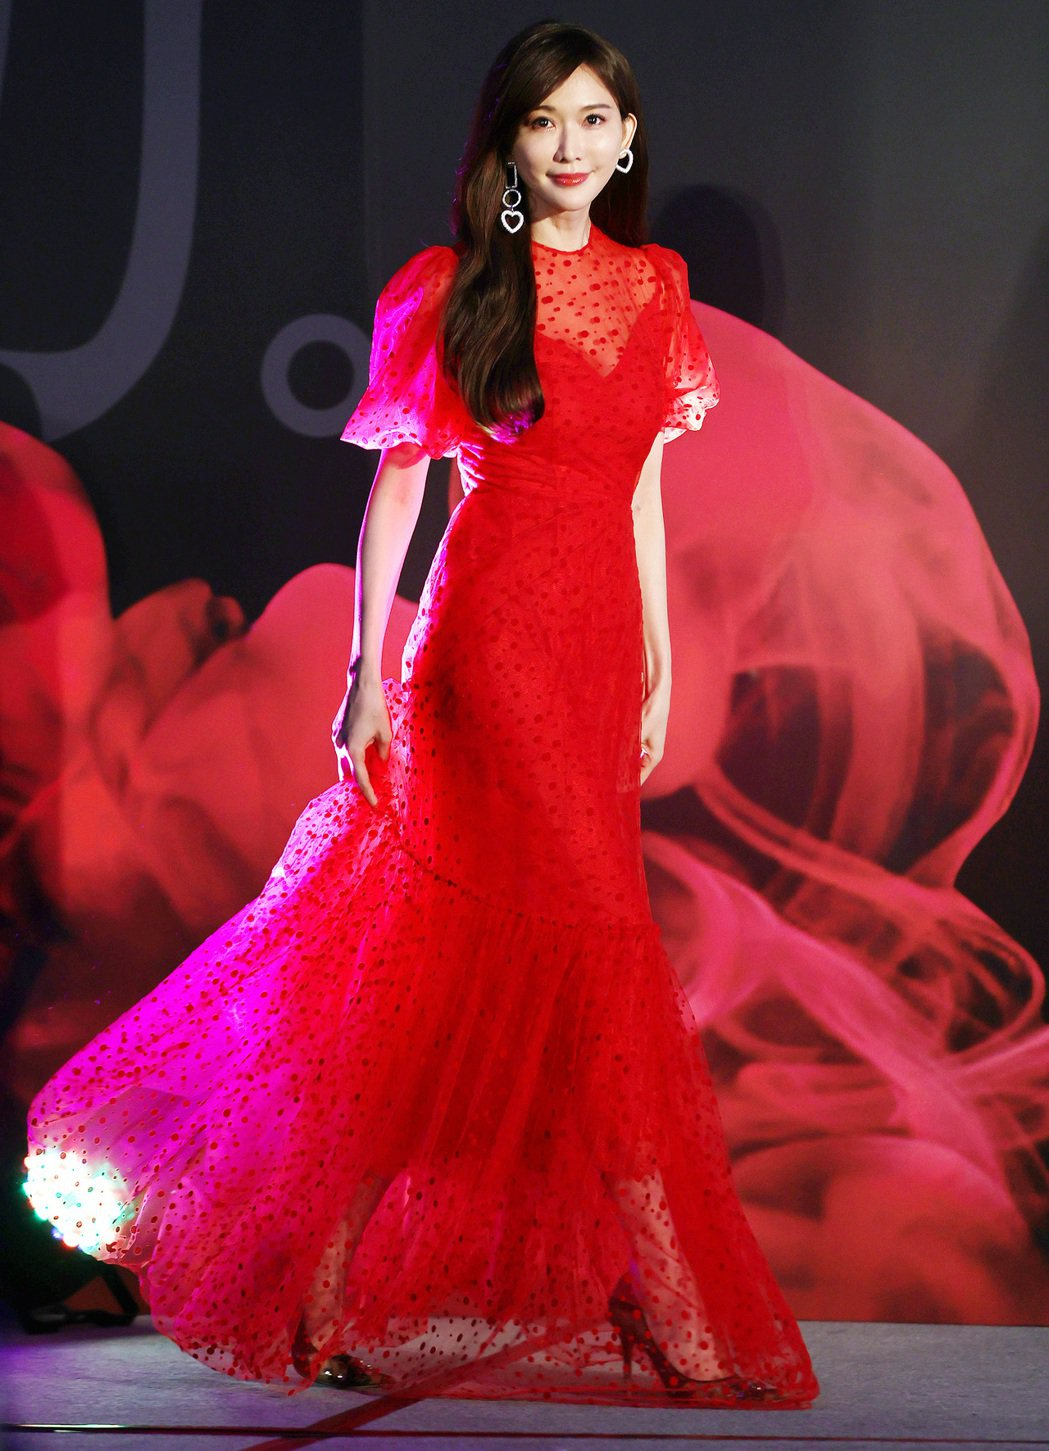 林志玲擔任空調品牌代言人,身穿一襲紅色禮服出席產品發表會,展現優雅女神氣勢。記者...